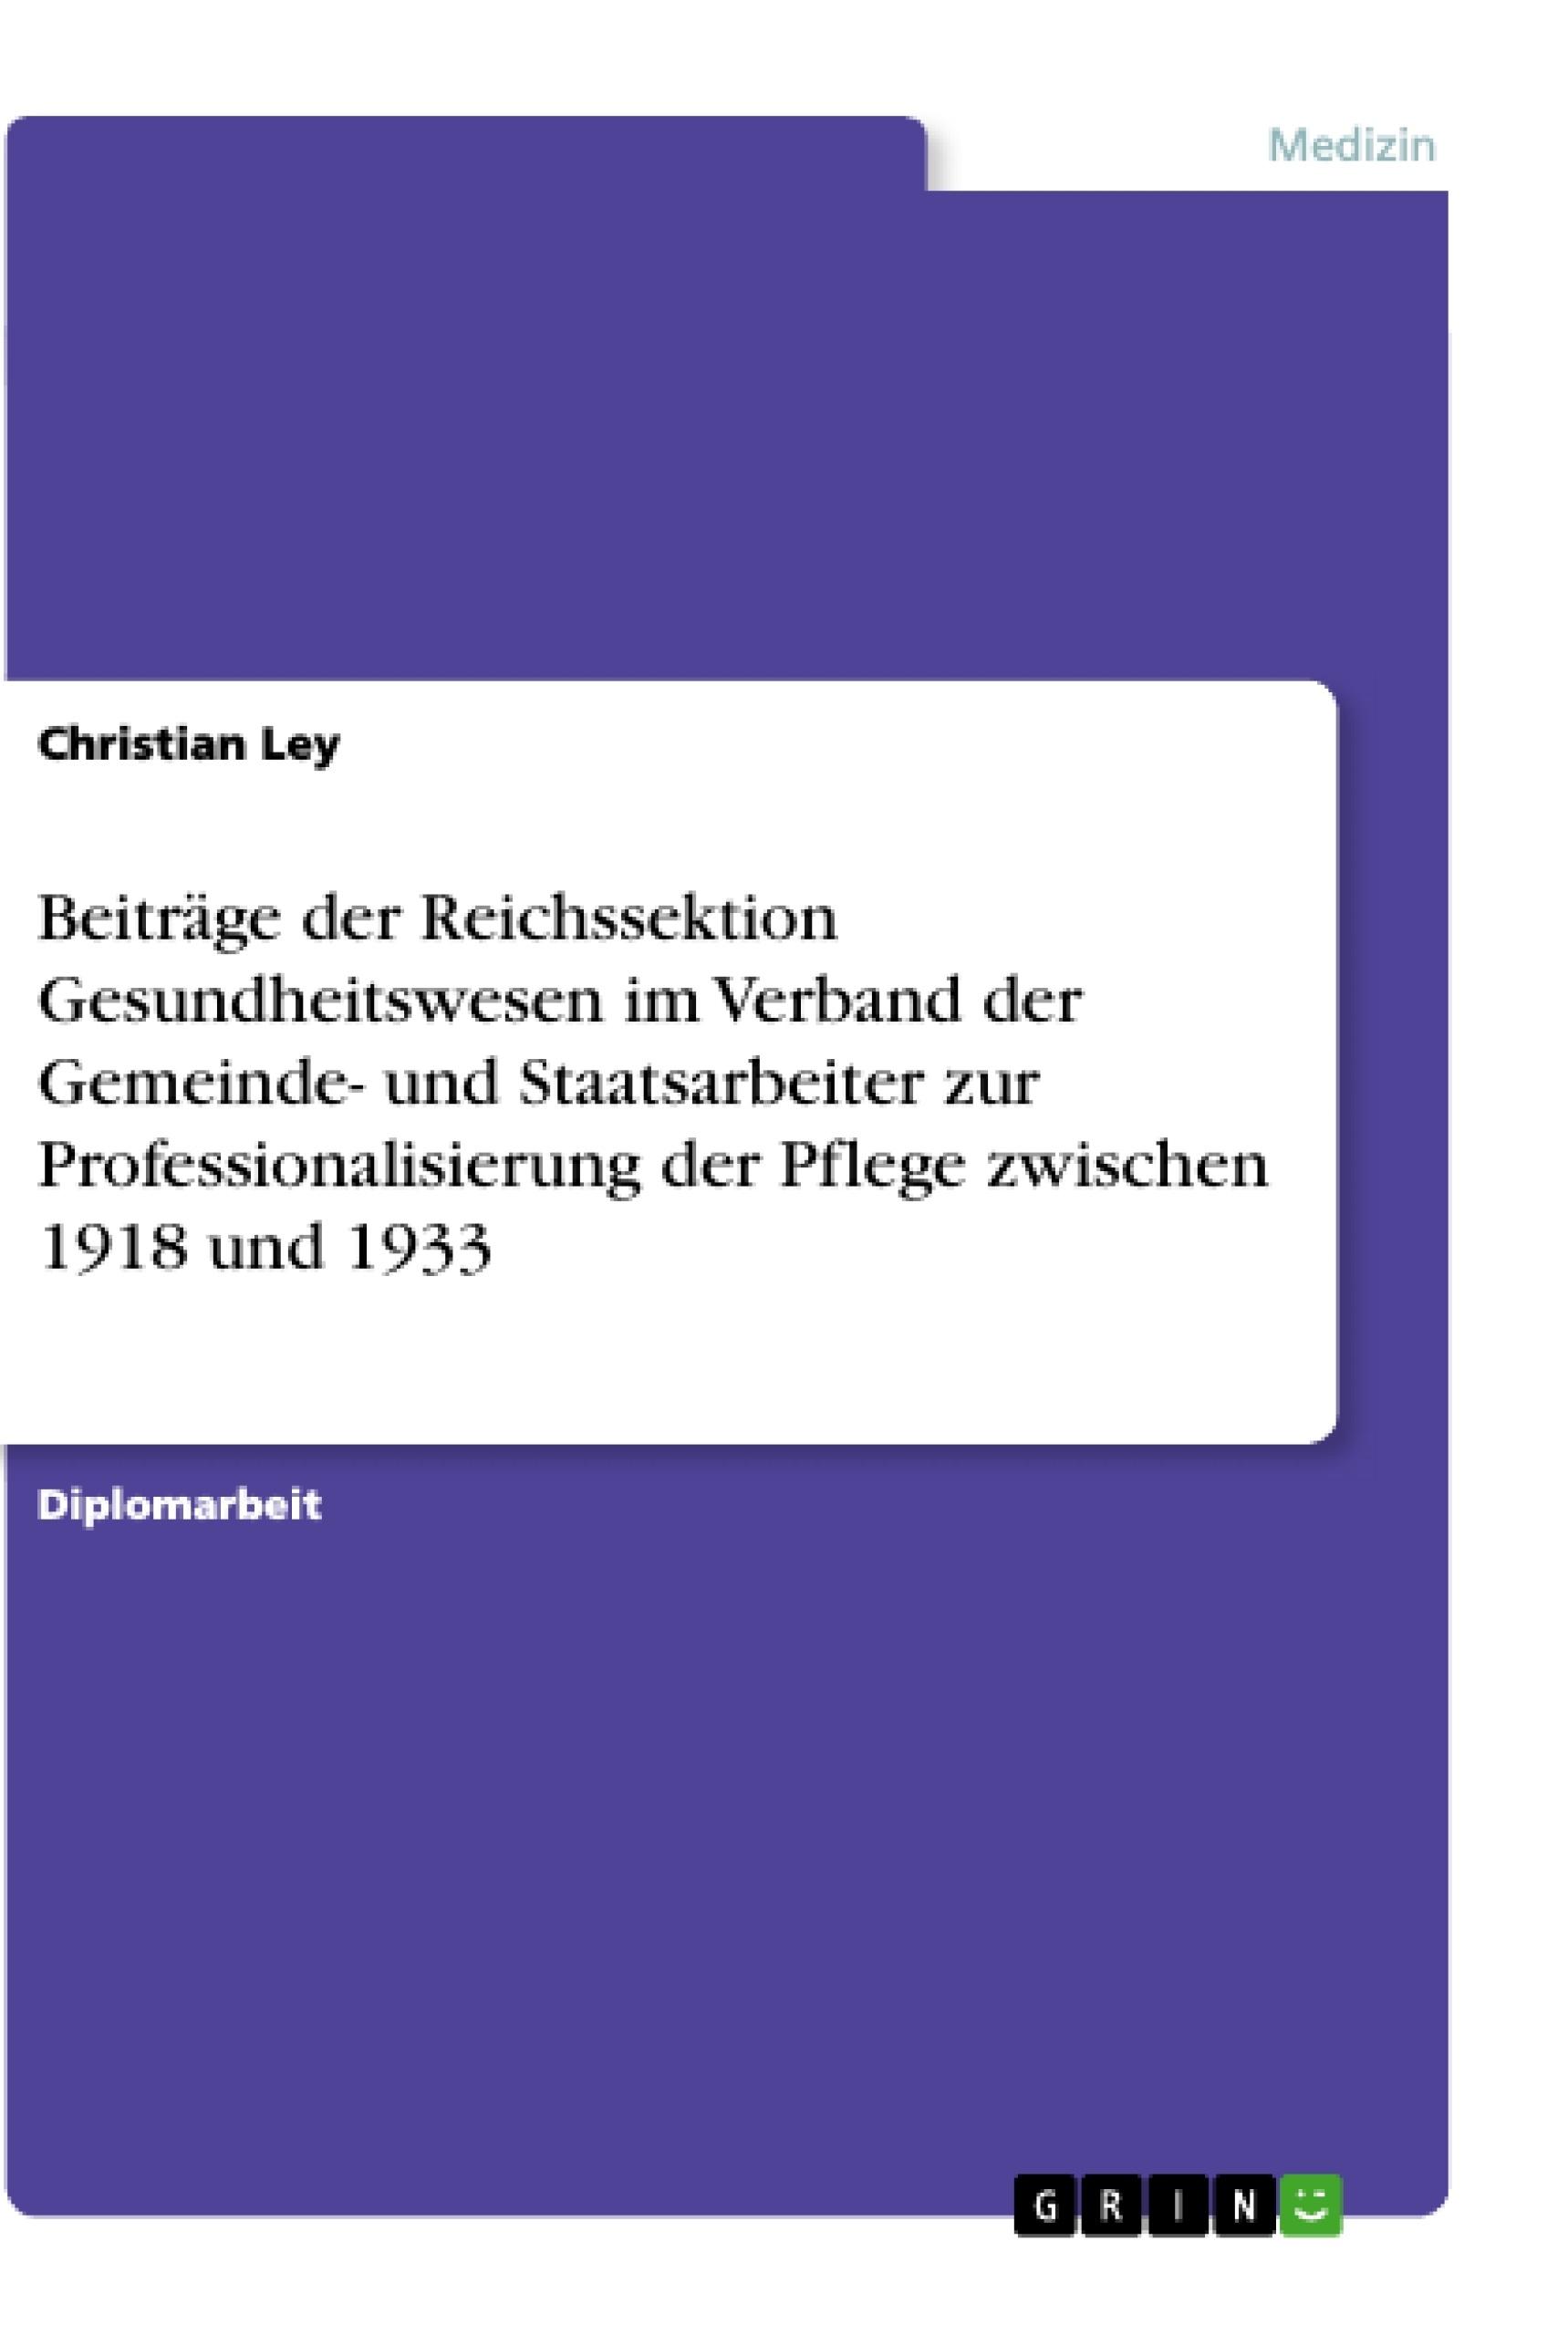 Titel: Beiträge der Reichssektion Gesundheitswesen im Verband der Gemeinde- und Staatsarbeiter zur Professionalisierung der Pflege zwischen 1918 und 1933